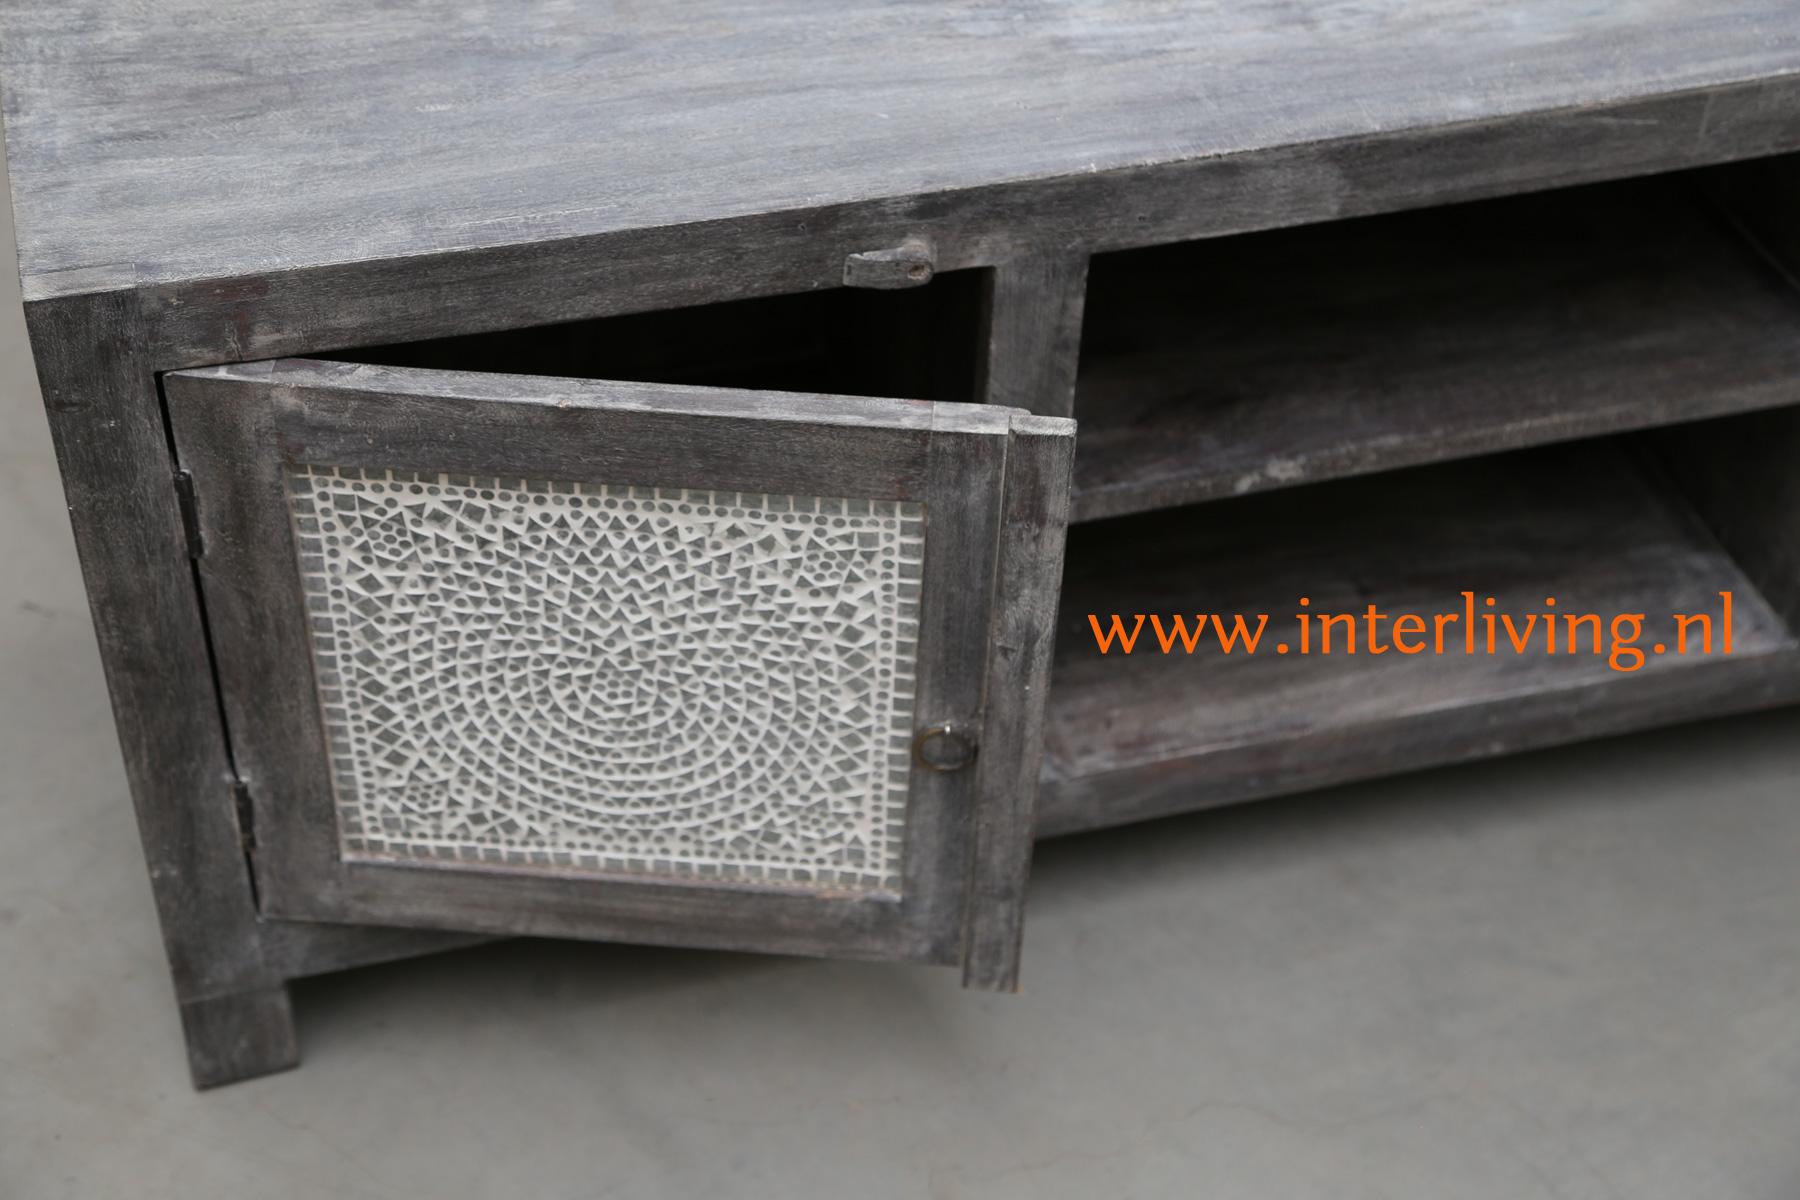 sober en stijlvol - grey washed antiek look houten kast of opbergmeubel uit India - handgemaakt